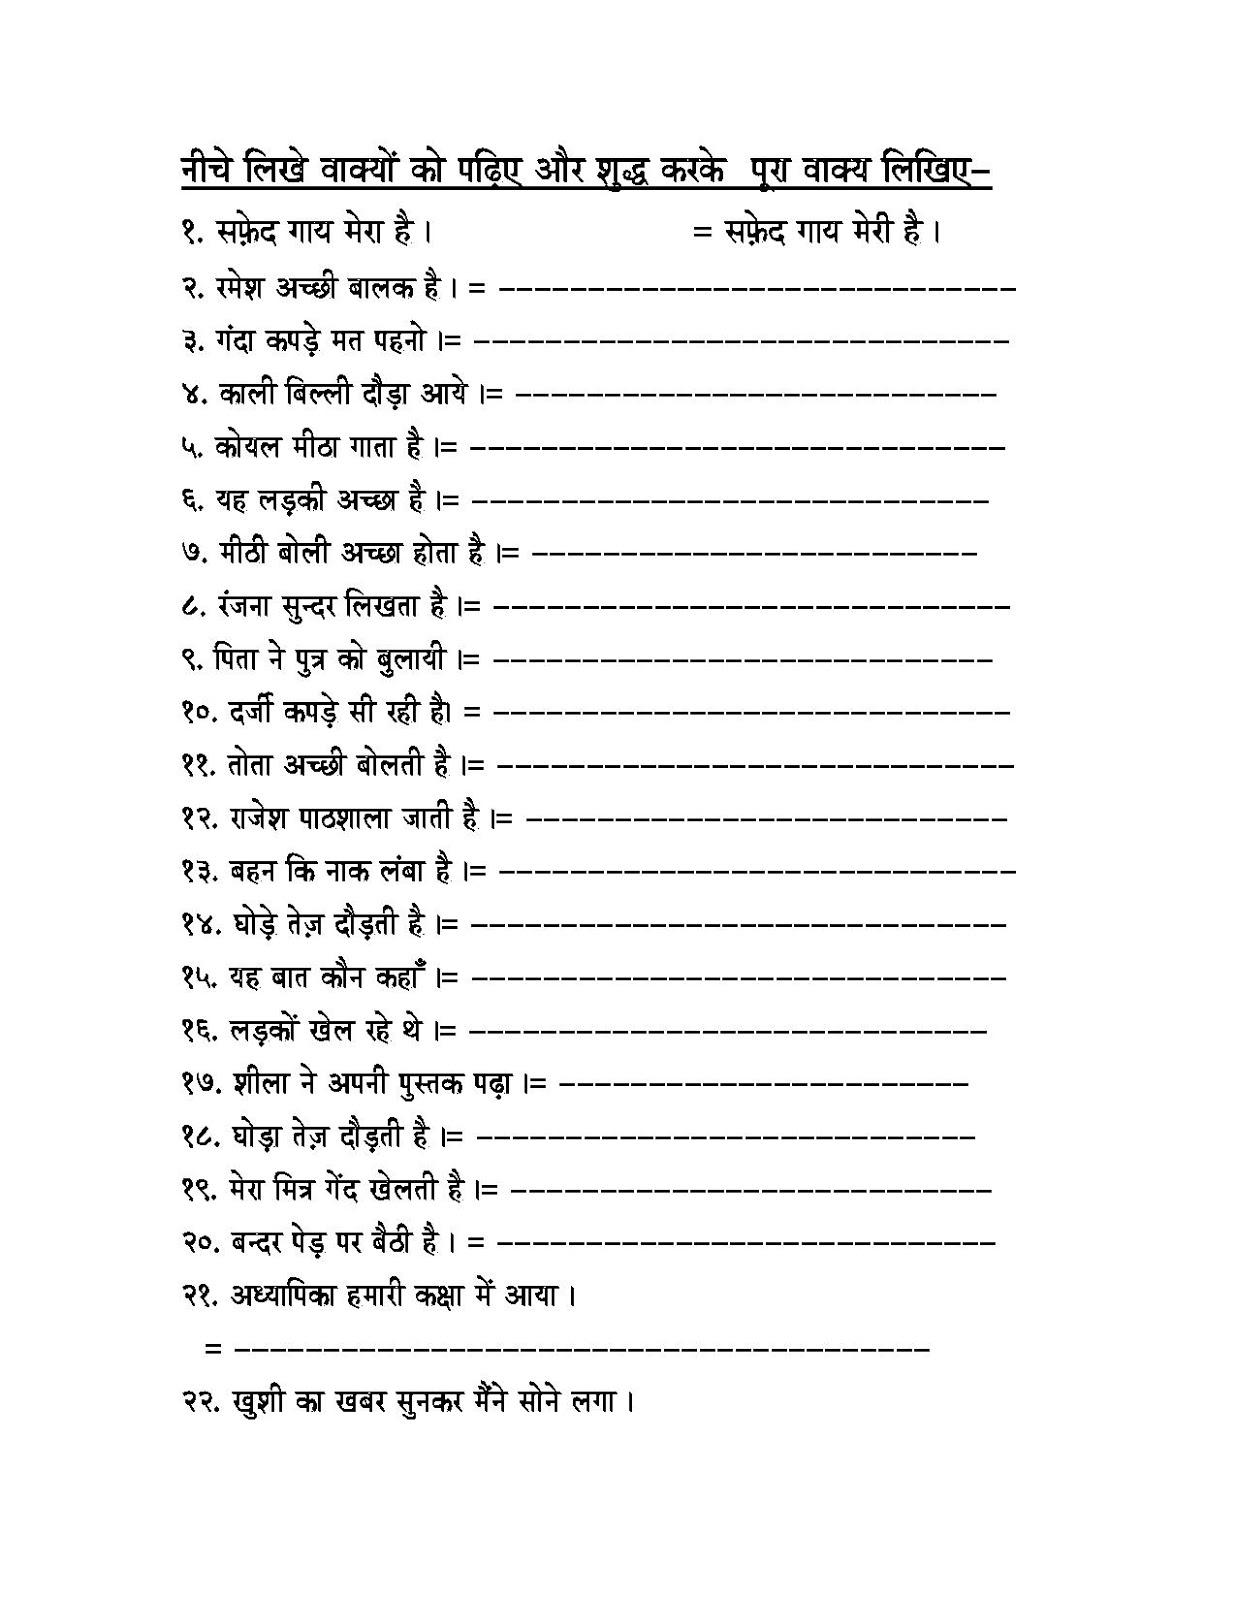 small resolution of 100+  Grade 1 Hindi Worksheets    Free Fun Worksheets For Kids Free Fun  Printable Hindi Worksheet